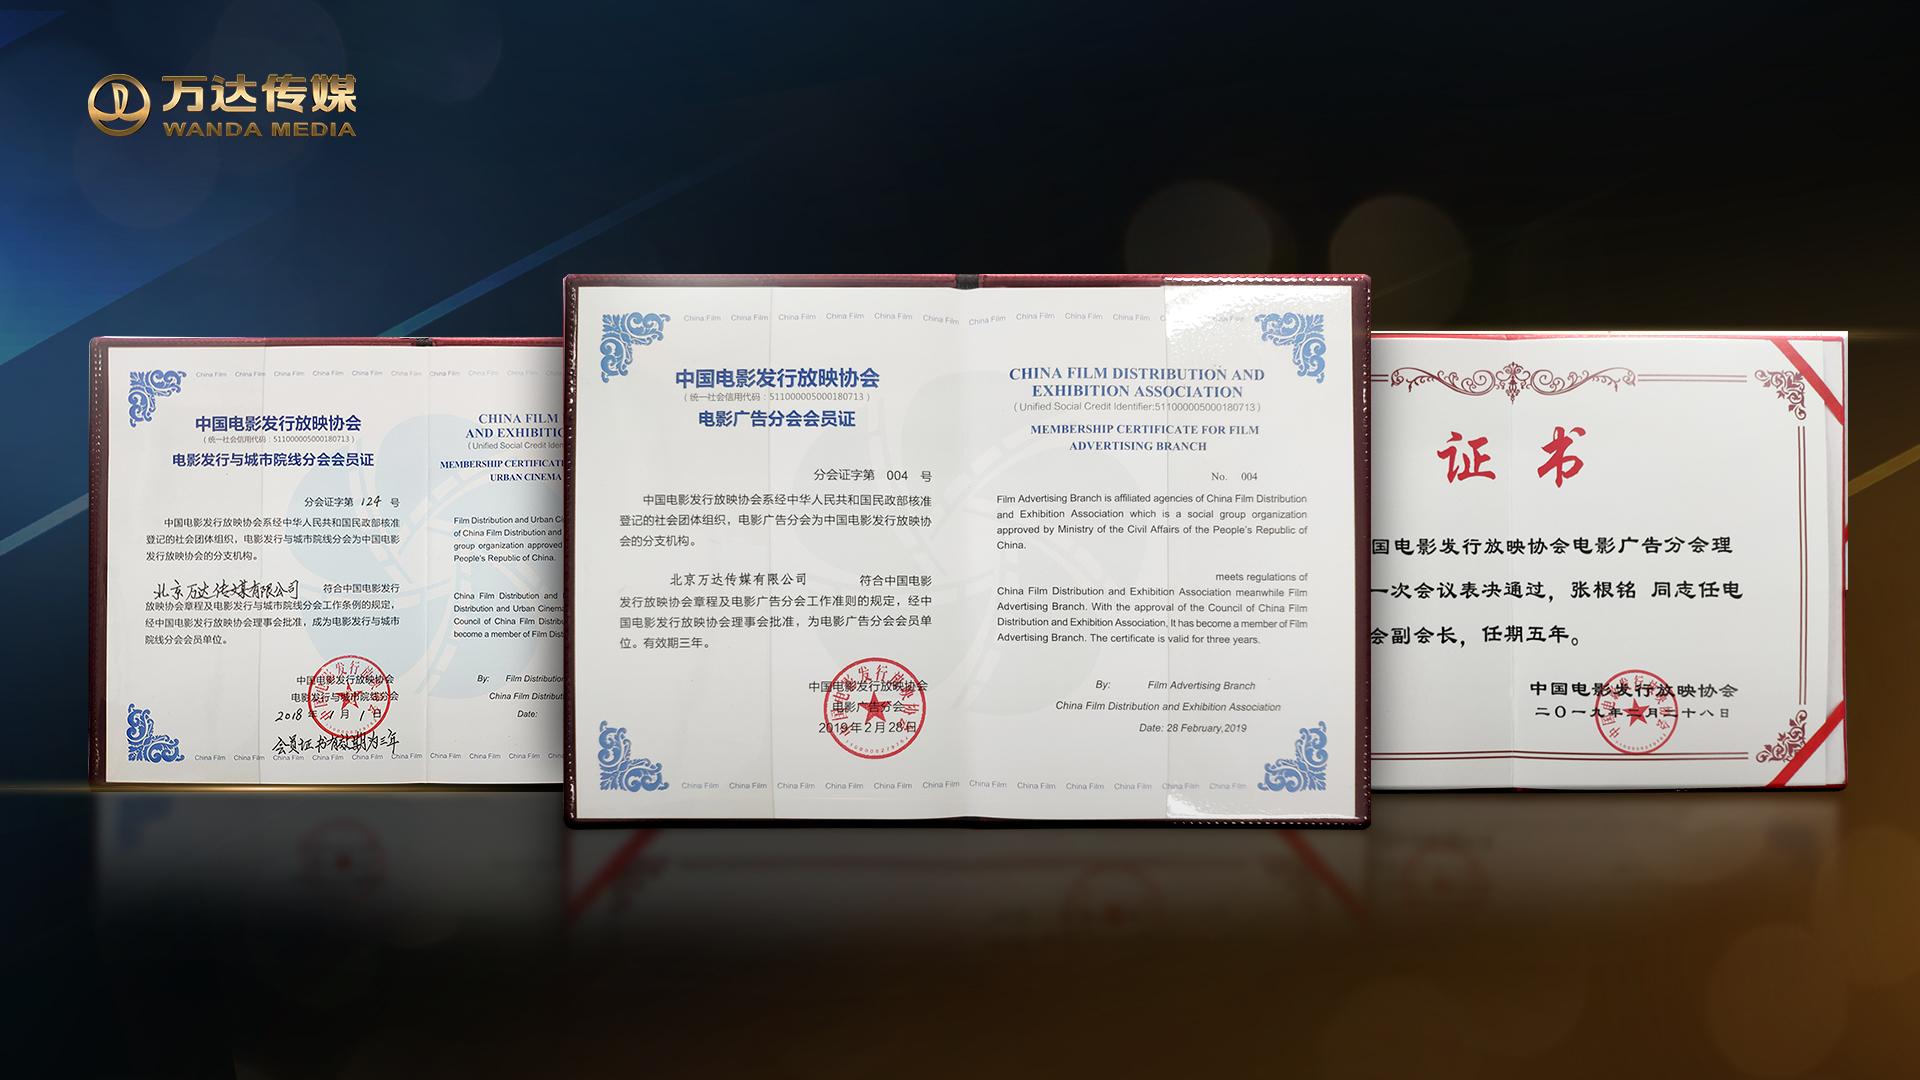 万达传媒成为中国电影广告分会副会长单位